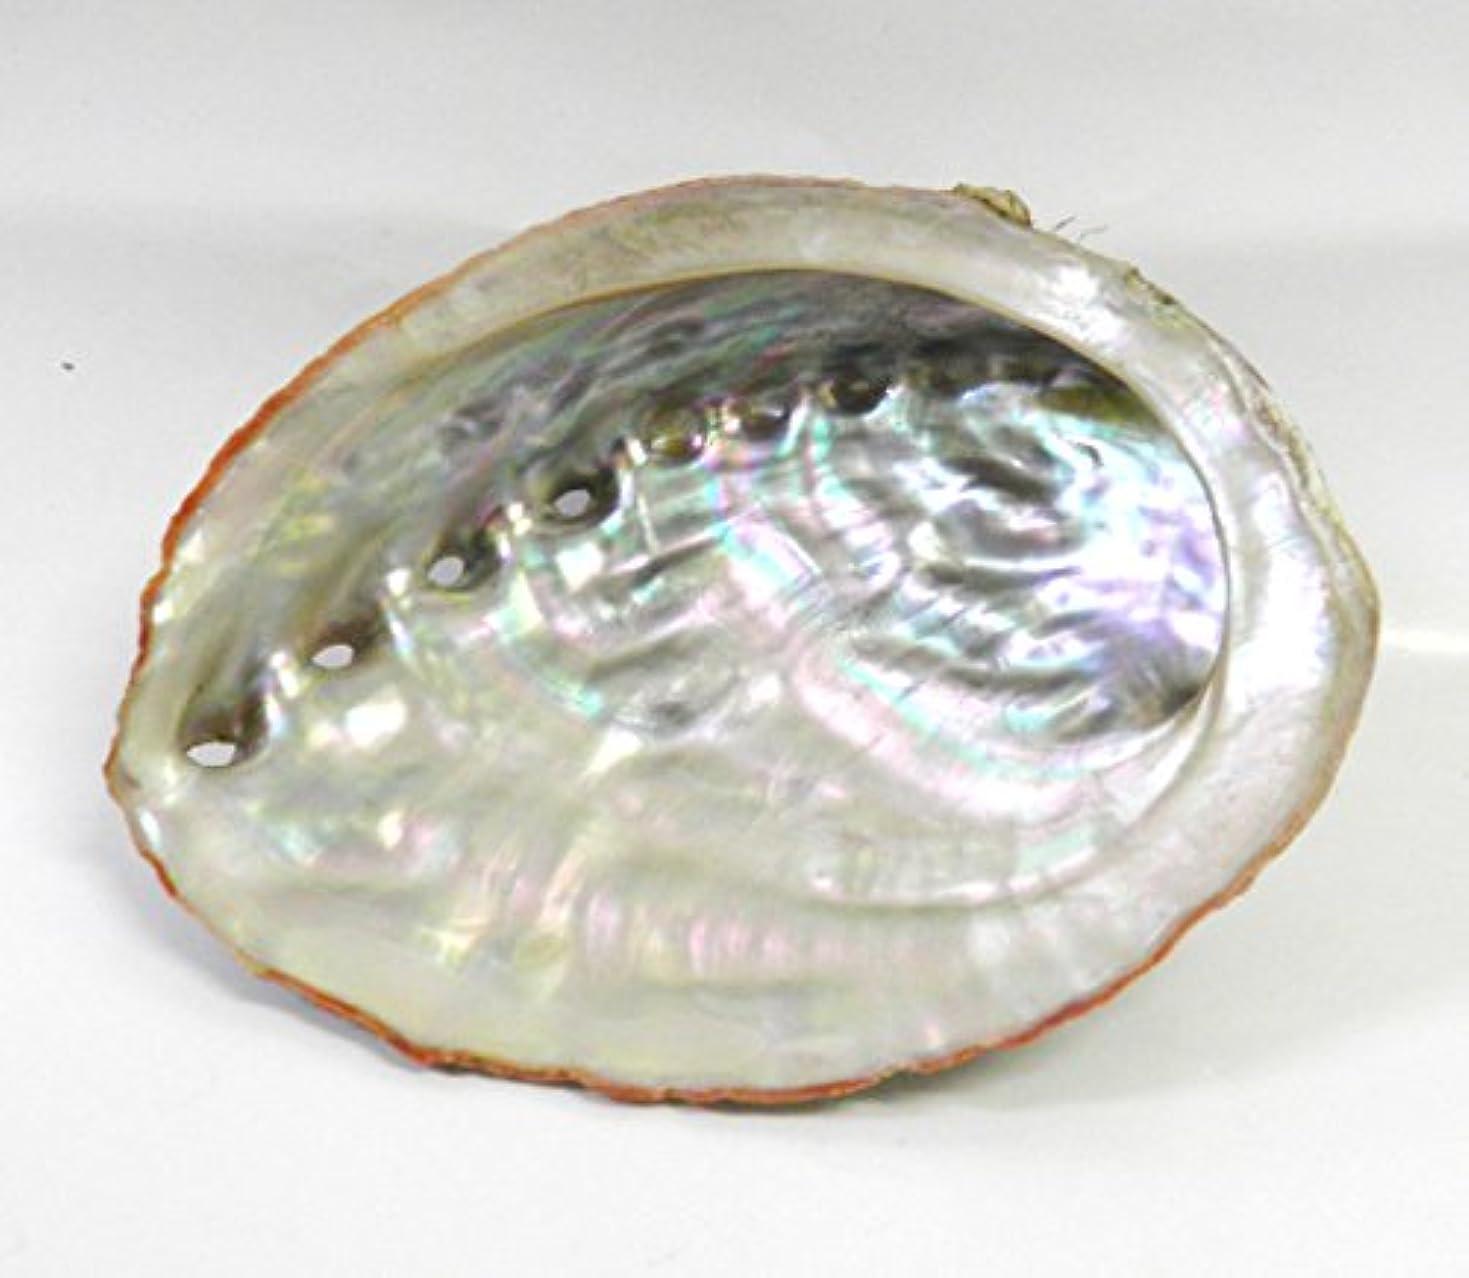 ダルセット息切れ定期的アワビの貝殻 アバロン シェル ホワイトセージ 浄化用 お香 空間浄化 天然石